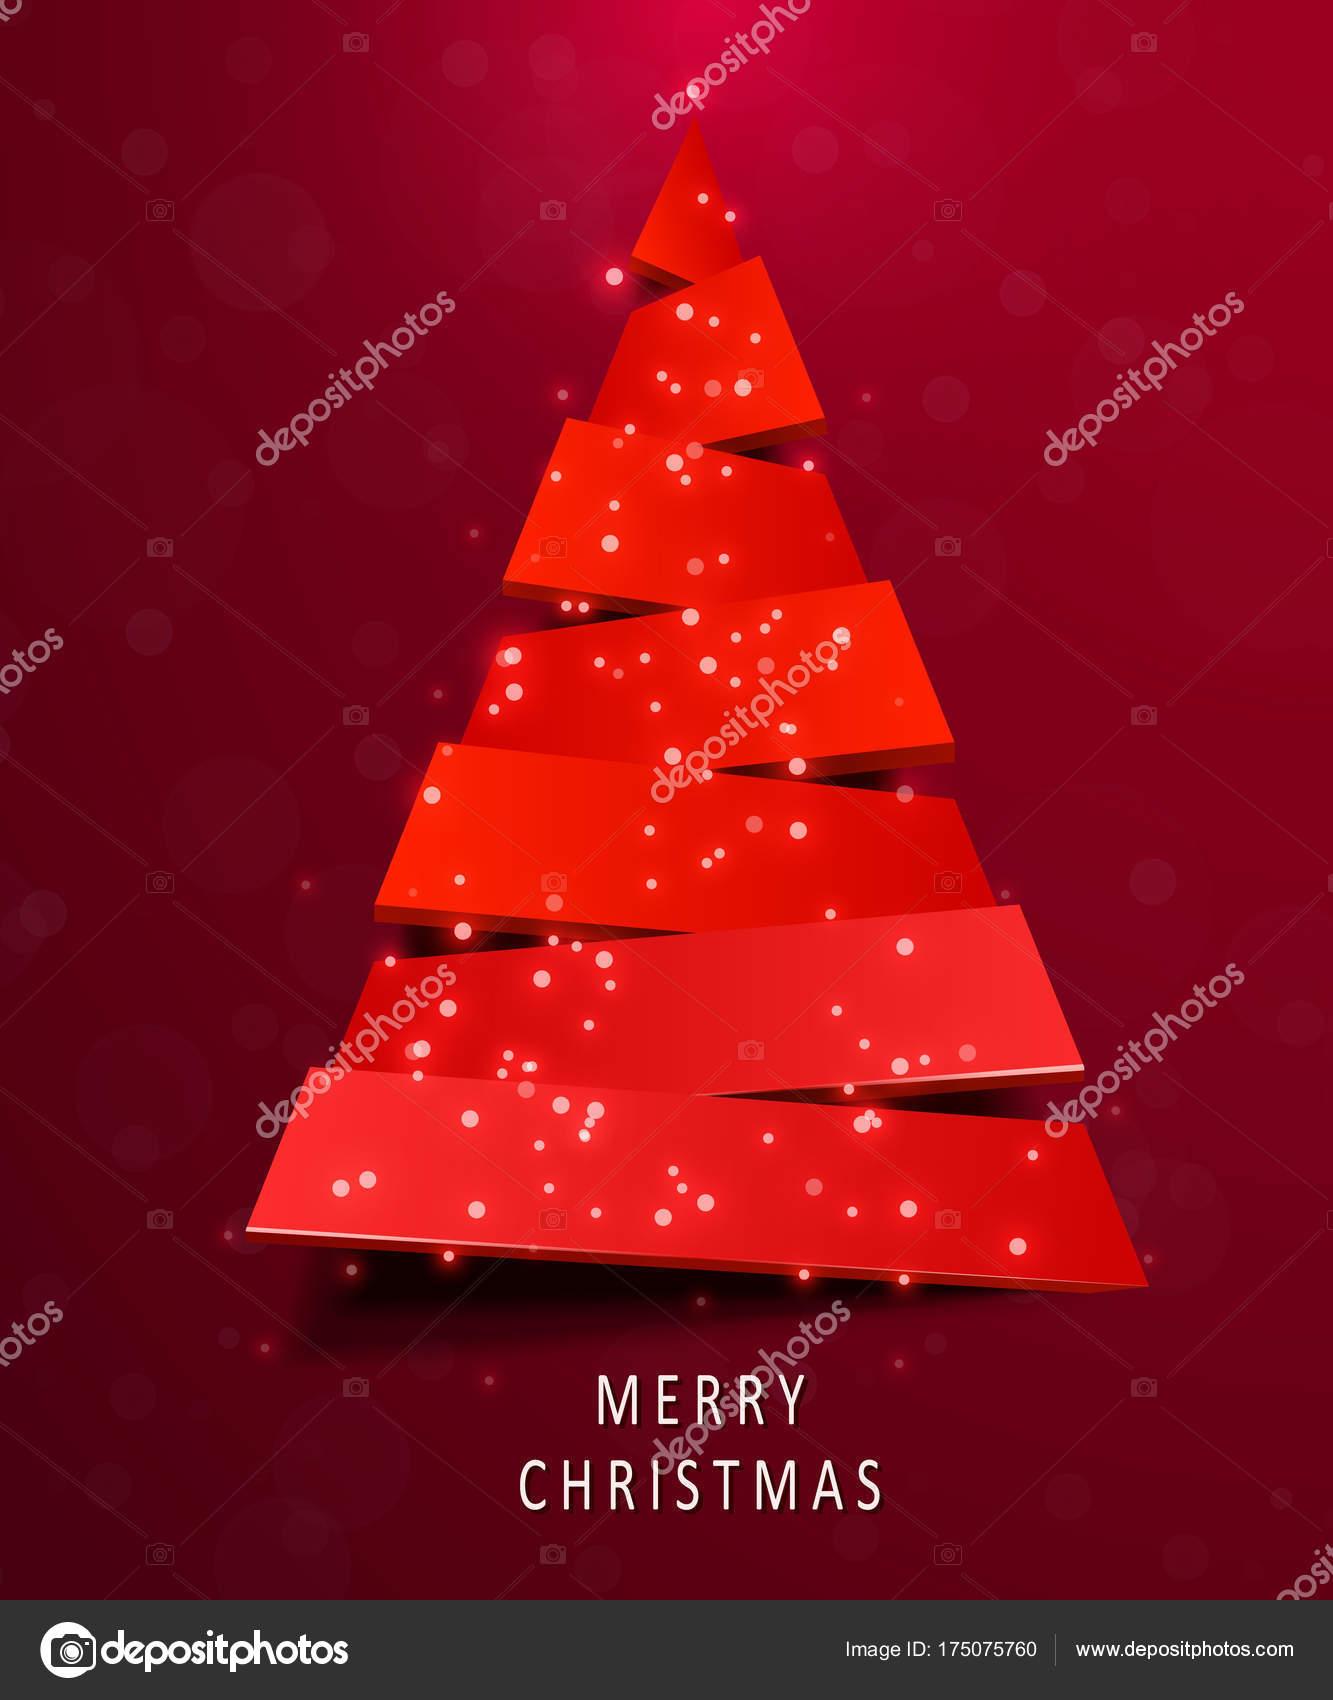 Biglietti Di Natale Di Carta.Albero Di Natale Fatto Di Carta Rossa Su Sfondo Rosso Capodanno E